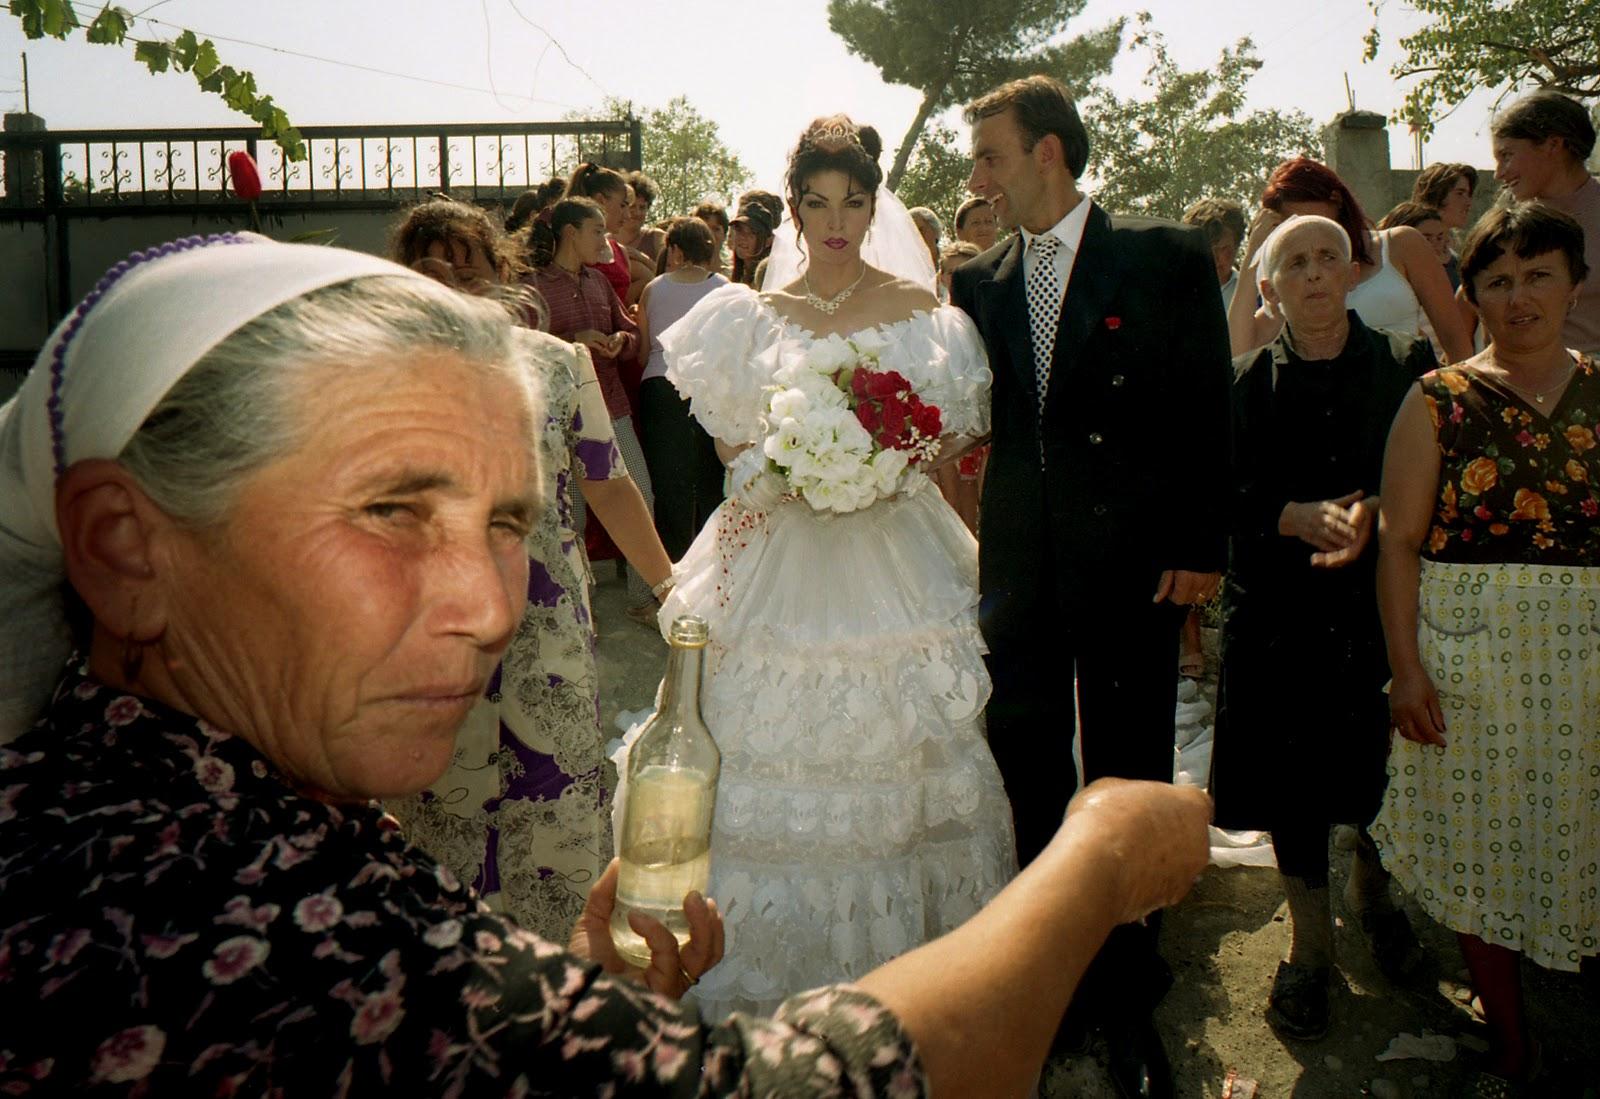 Matrimonio In Albania : Cattadori carlo biography